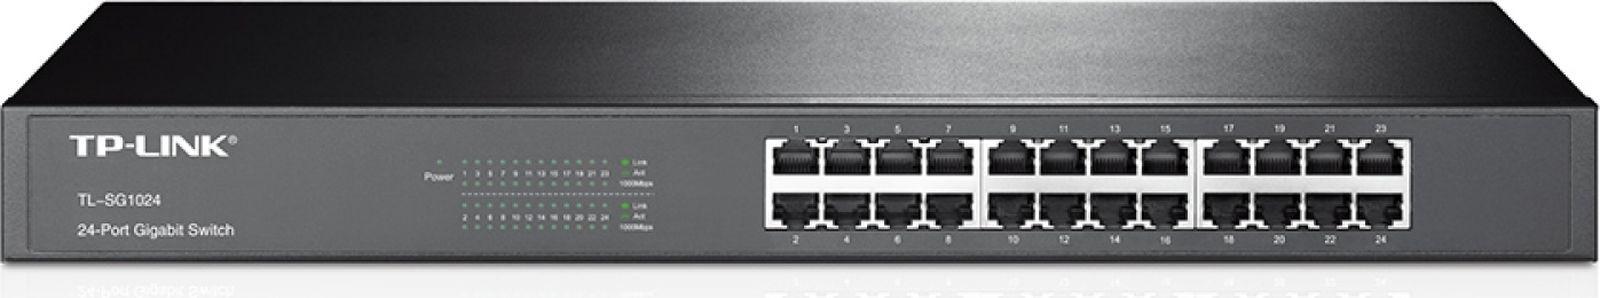 Коммутатор TP-Link TL-SG1024 331474 24G неуправляемый, 331474 tp link tp link tl wr1045nd